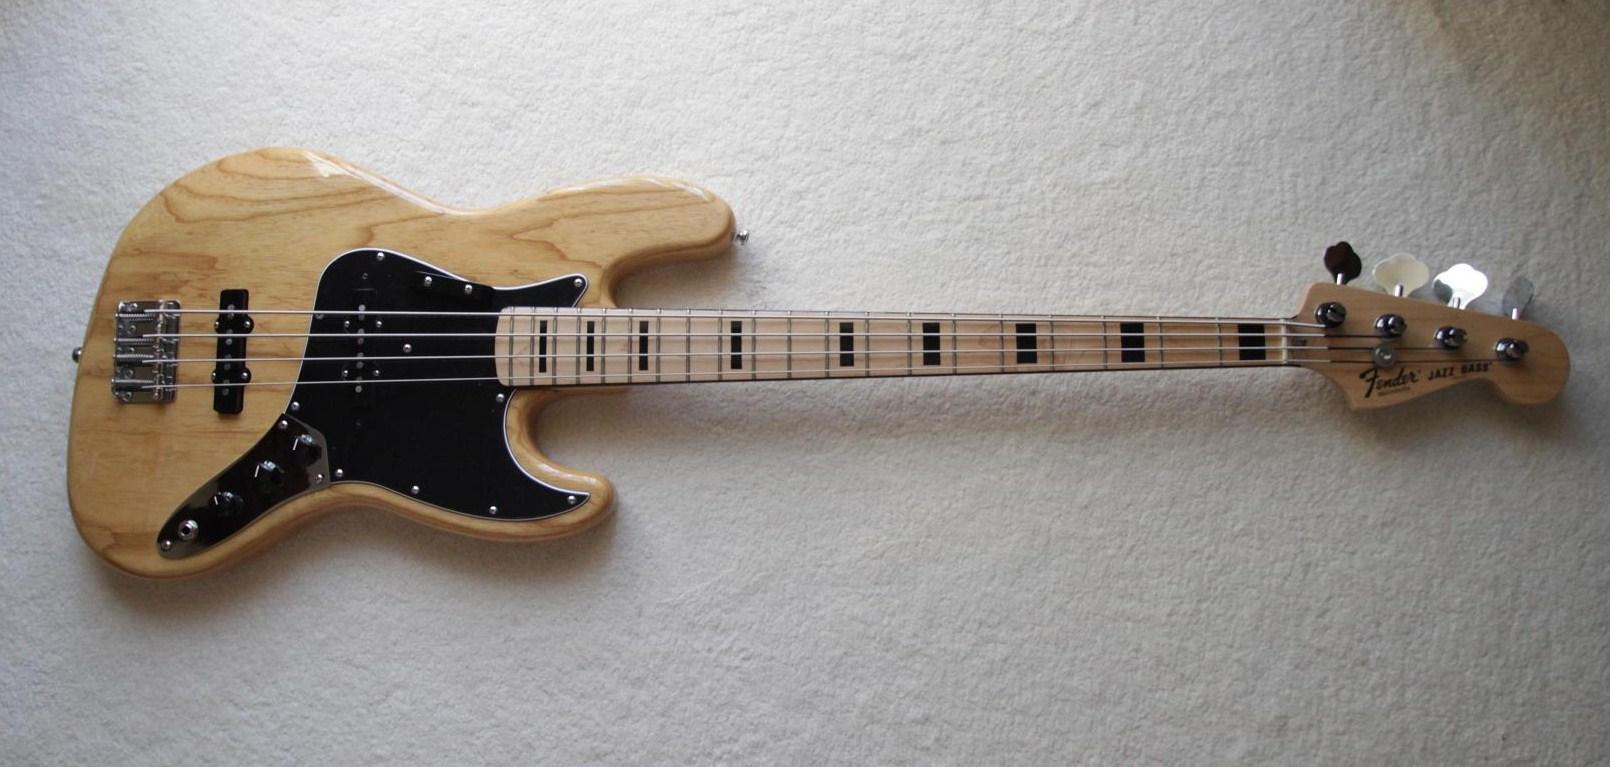 Mercado Livre: Falsificações (Continuação...) - Página 17 Fender-american-vintage-75-jazz-bass-98537